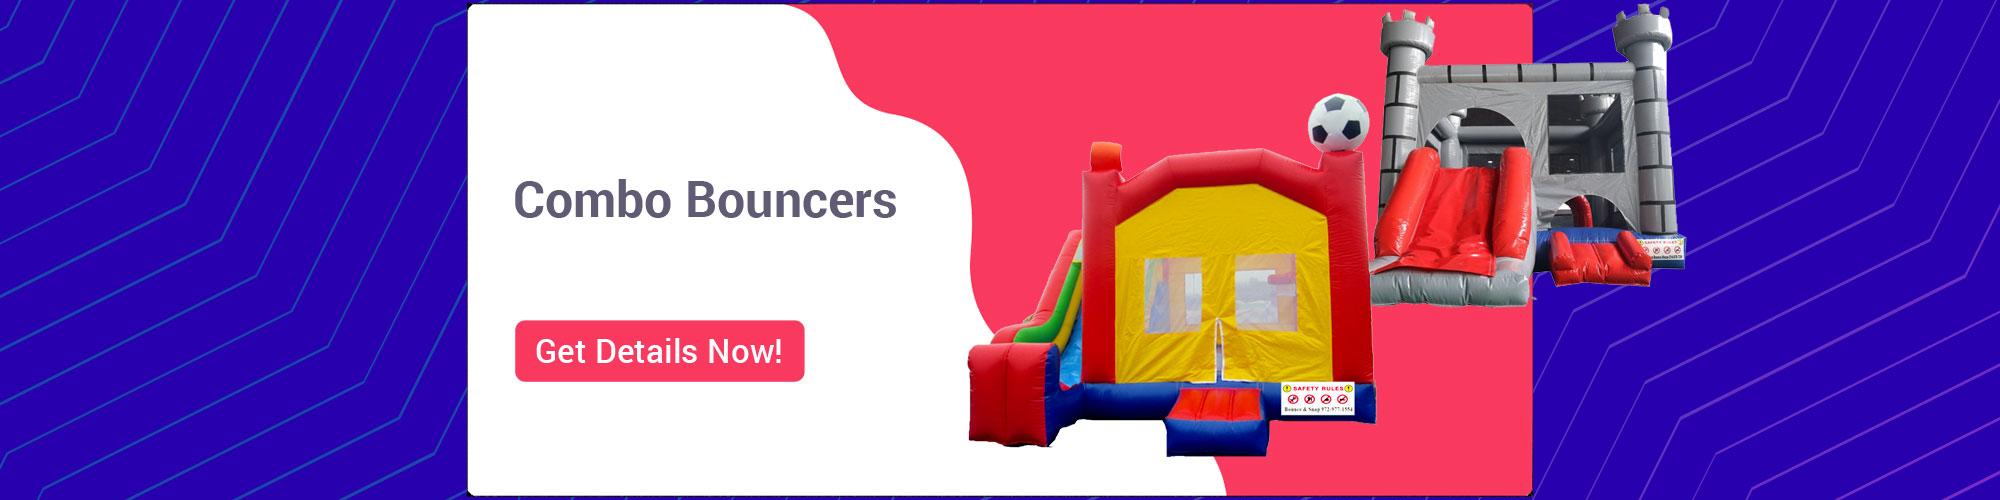 Combo Bouncer Rentals